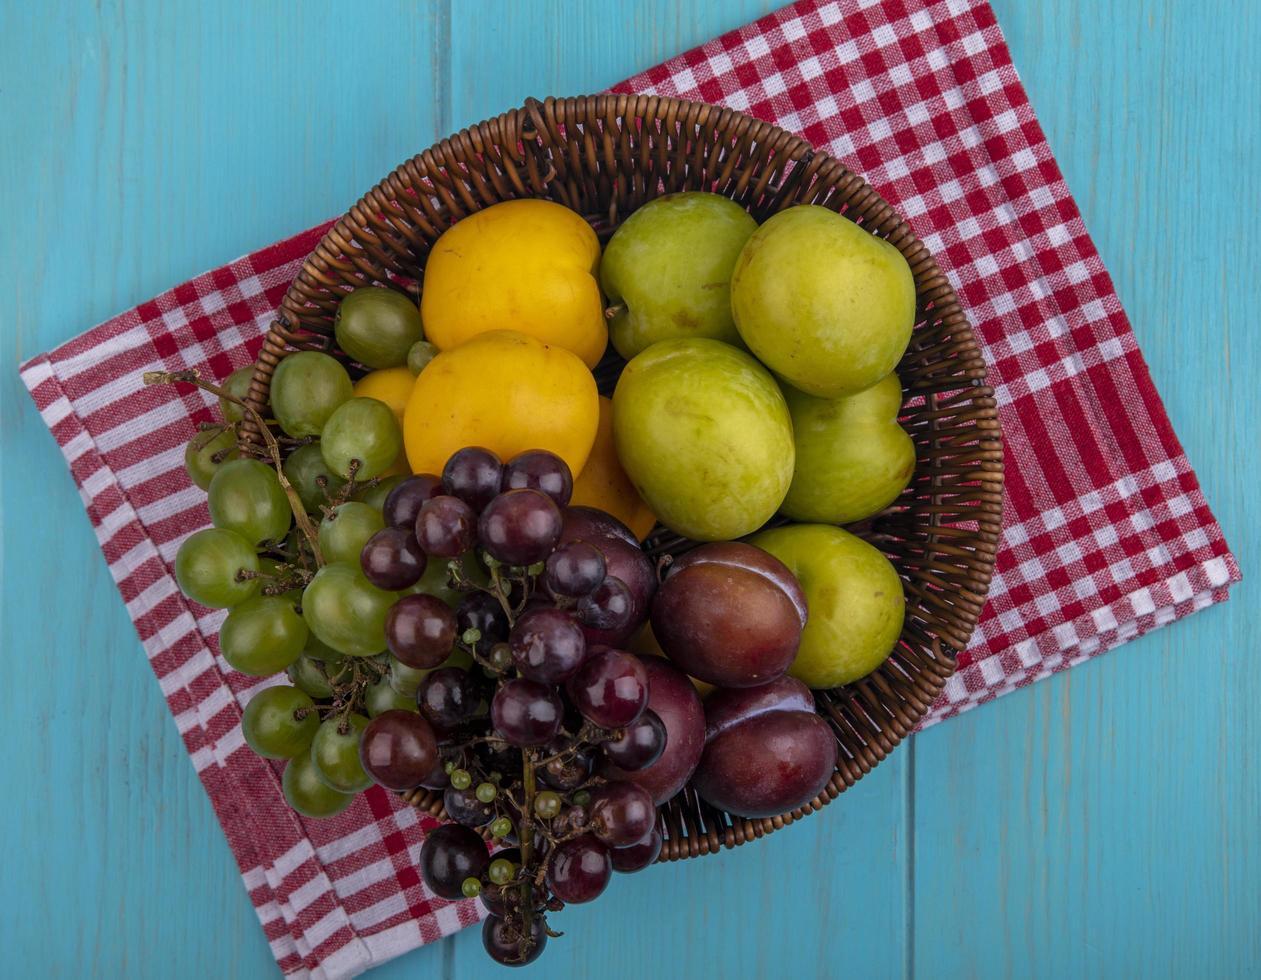 Surtido de frutas sobre tela escocesa y fondo azul. foto